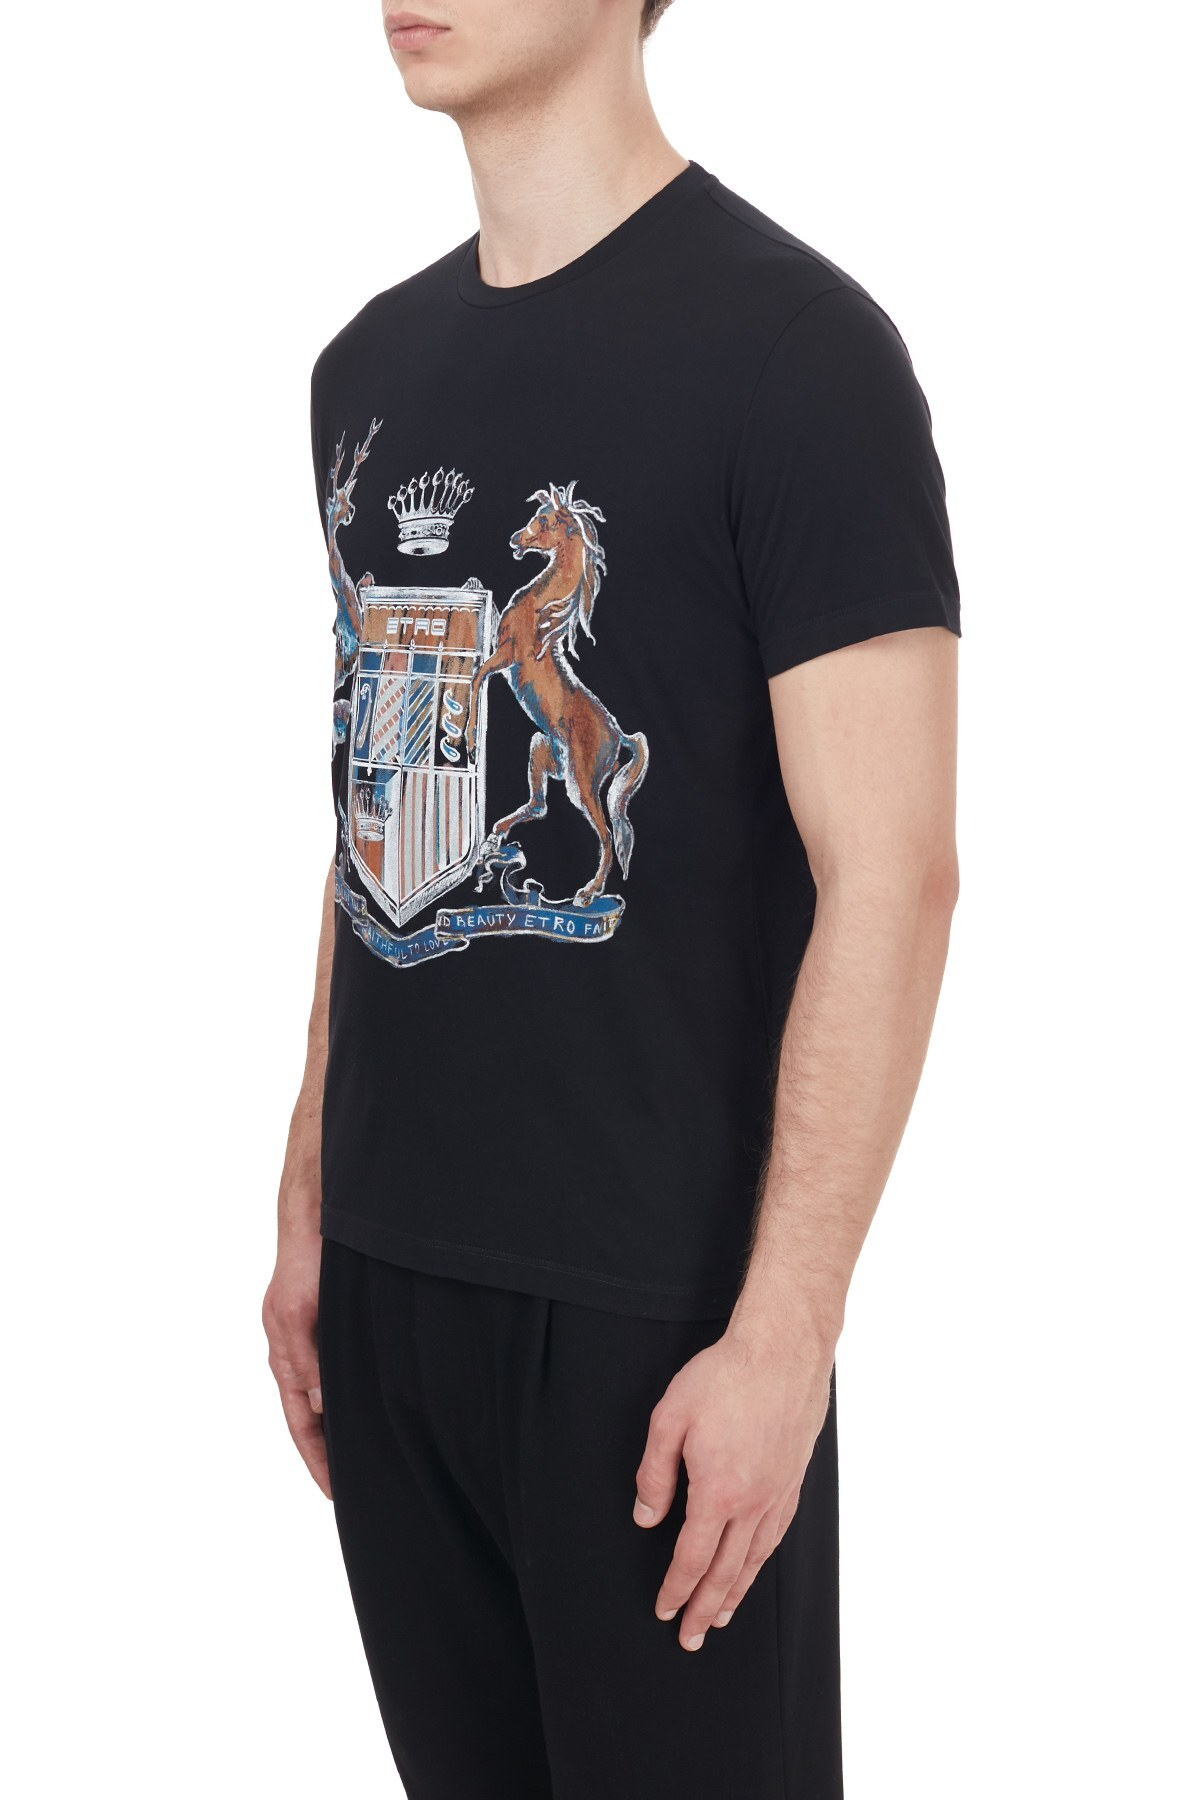 Etro% 100 Pamuklu Bisiklet Yaka Erkek T Shirt 1Y020 97590 001 SİYAH